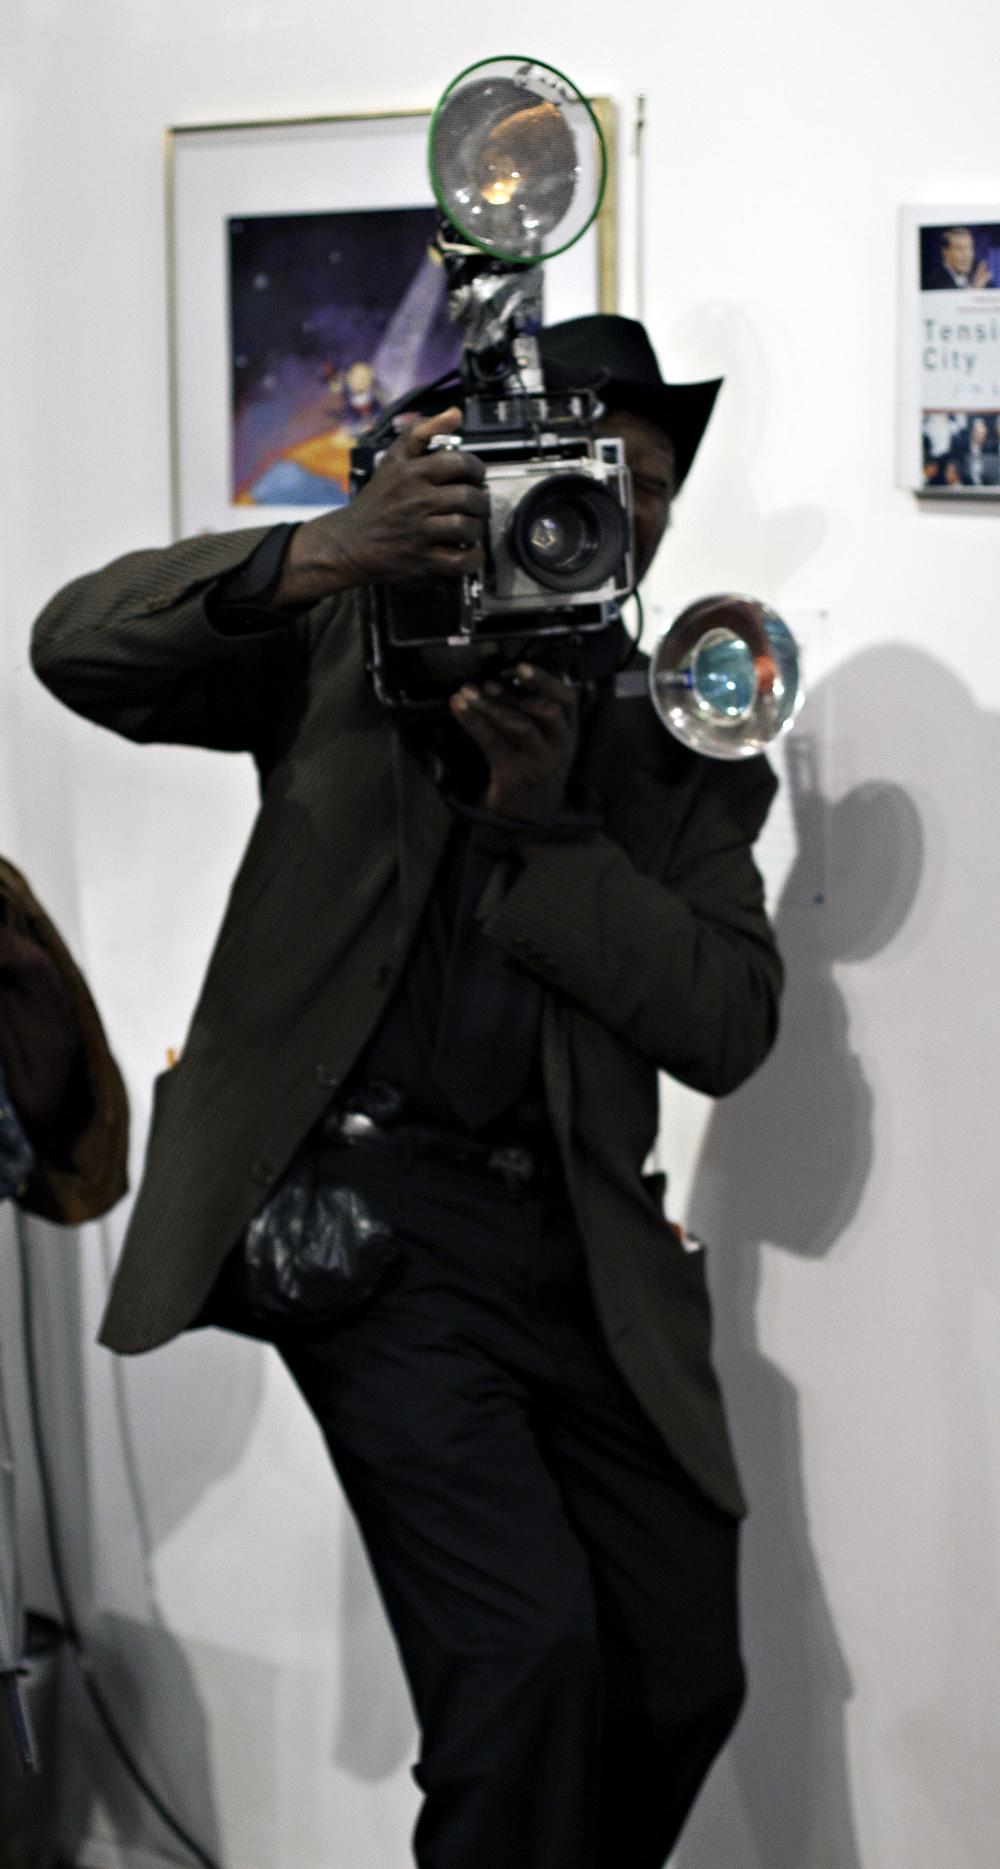 _11_PolaroidGuy_03.jpg